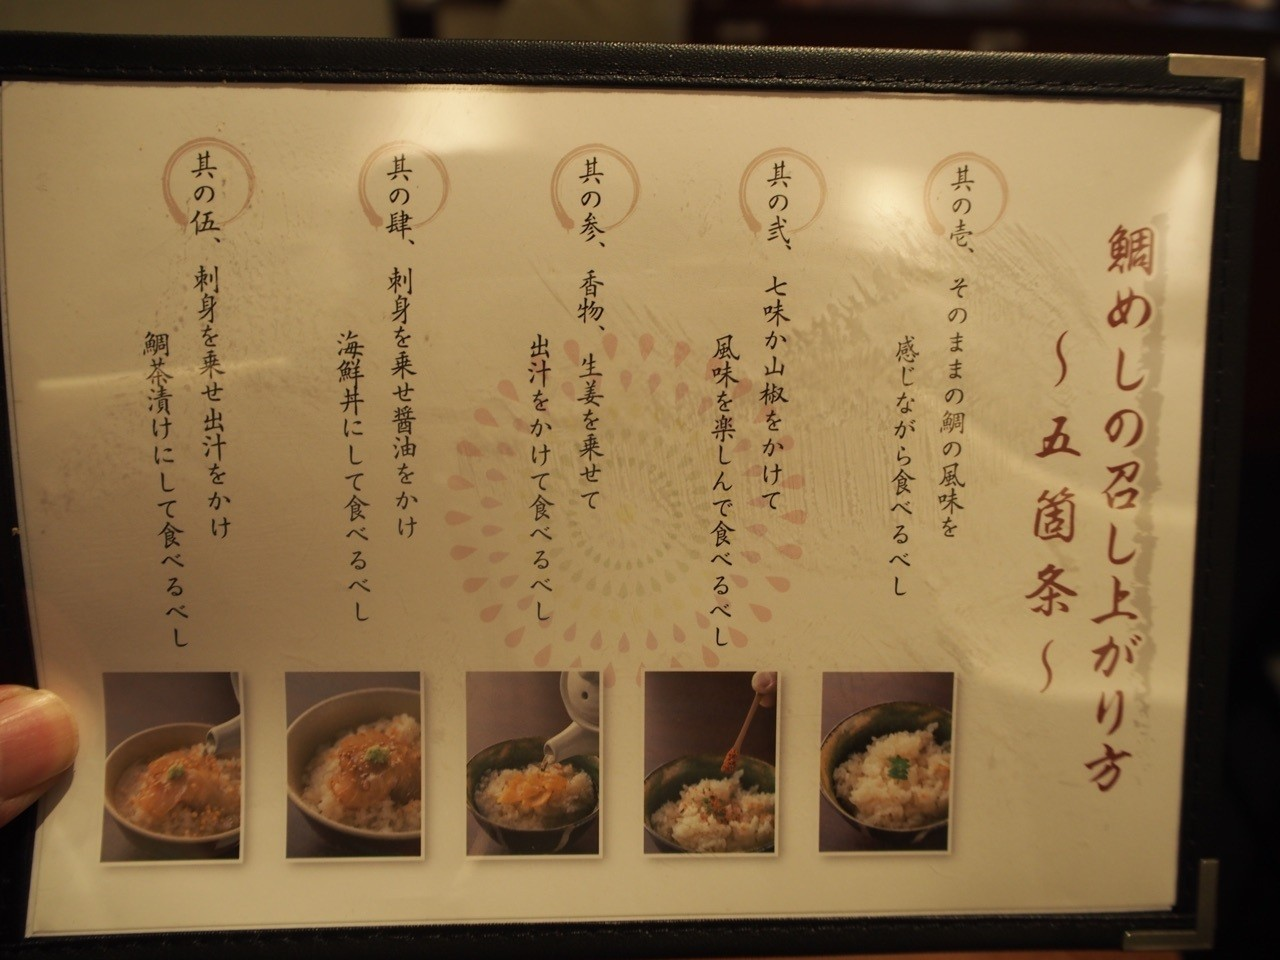 鯛魚飯吃法說明